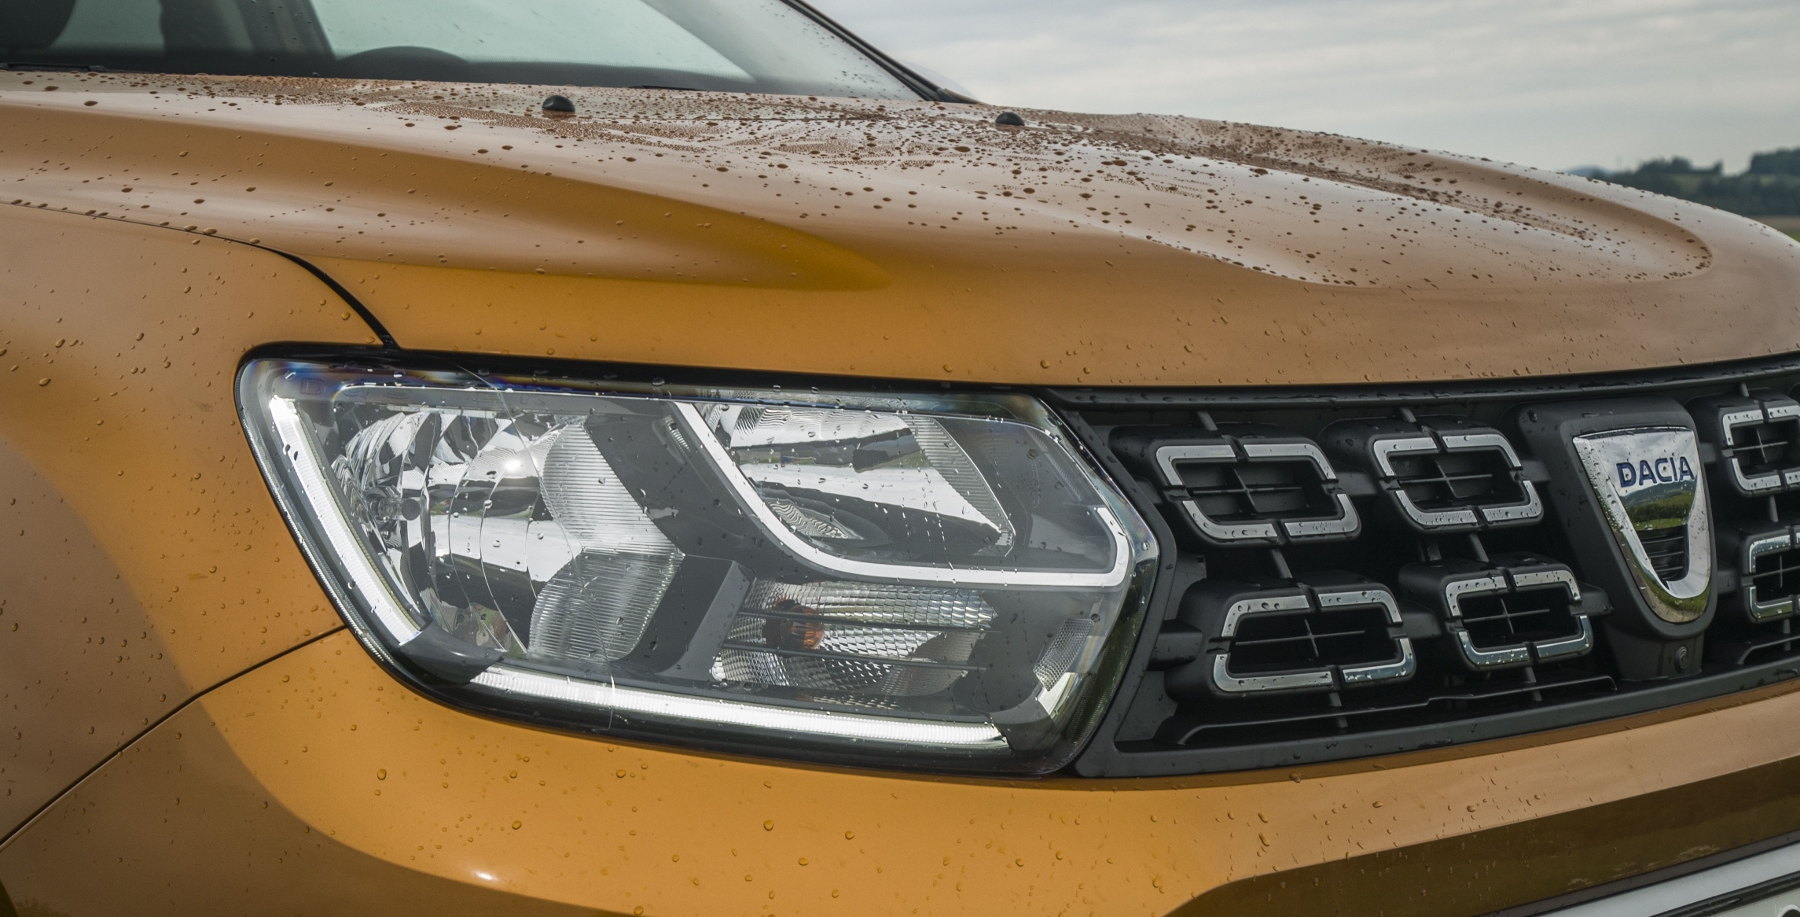 Test: Dacia Duster LPG je voľbou rozumu PwPlH3ayh6 dacia-duster-lpg-3